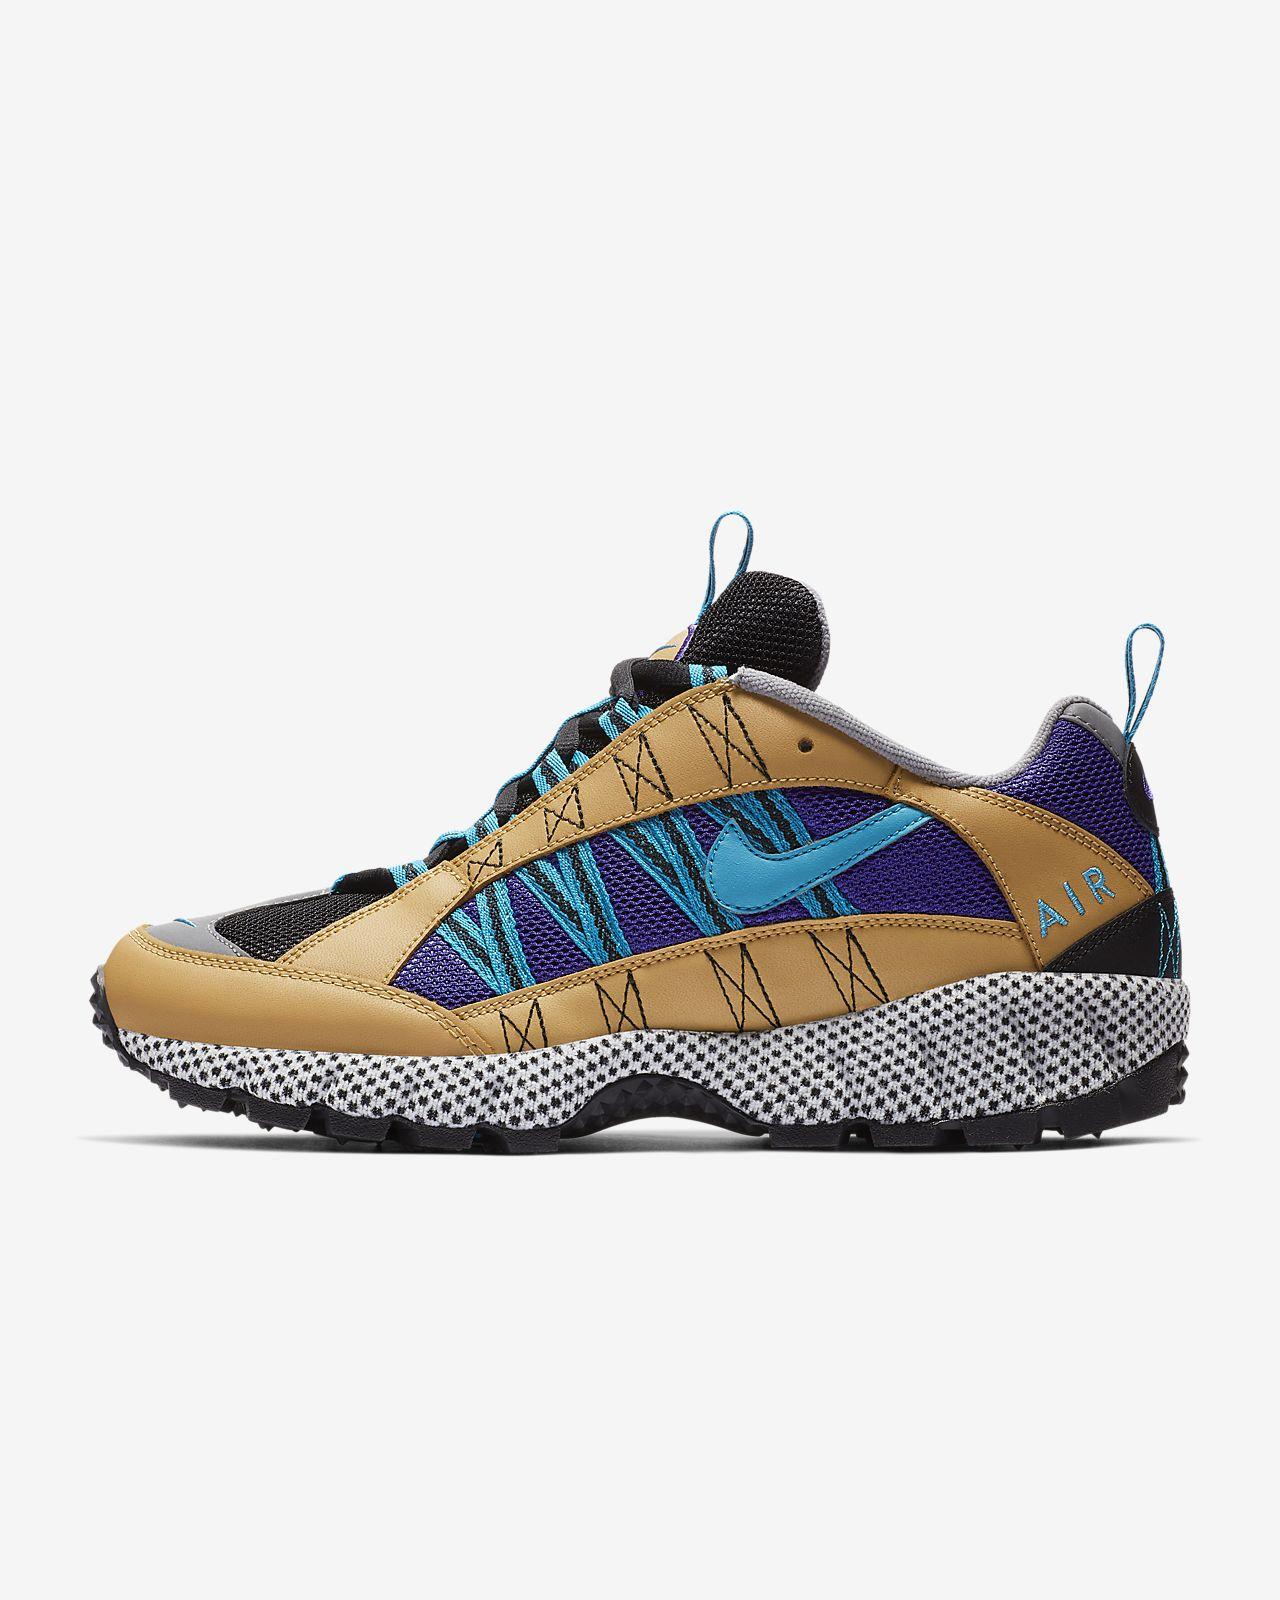 Humara Qs Air Nike '17 Fr Pour Chaussure Homme qwF86ERR